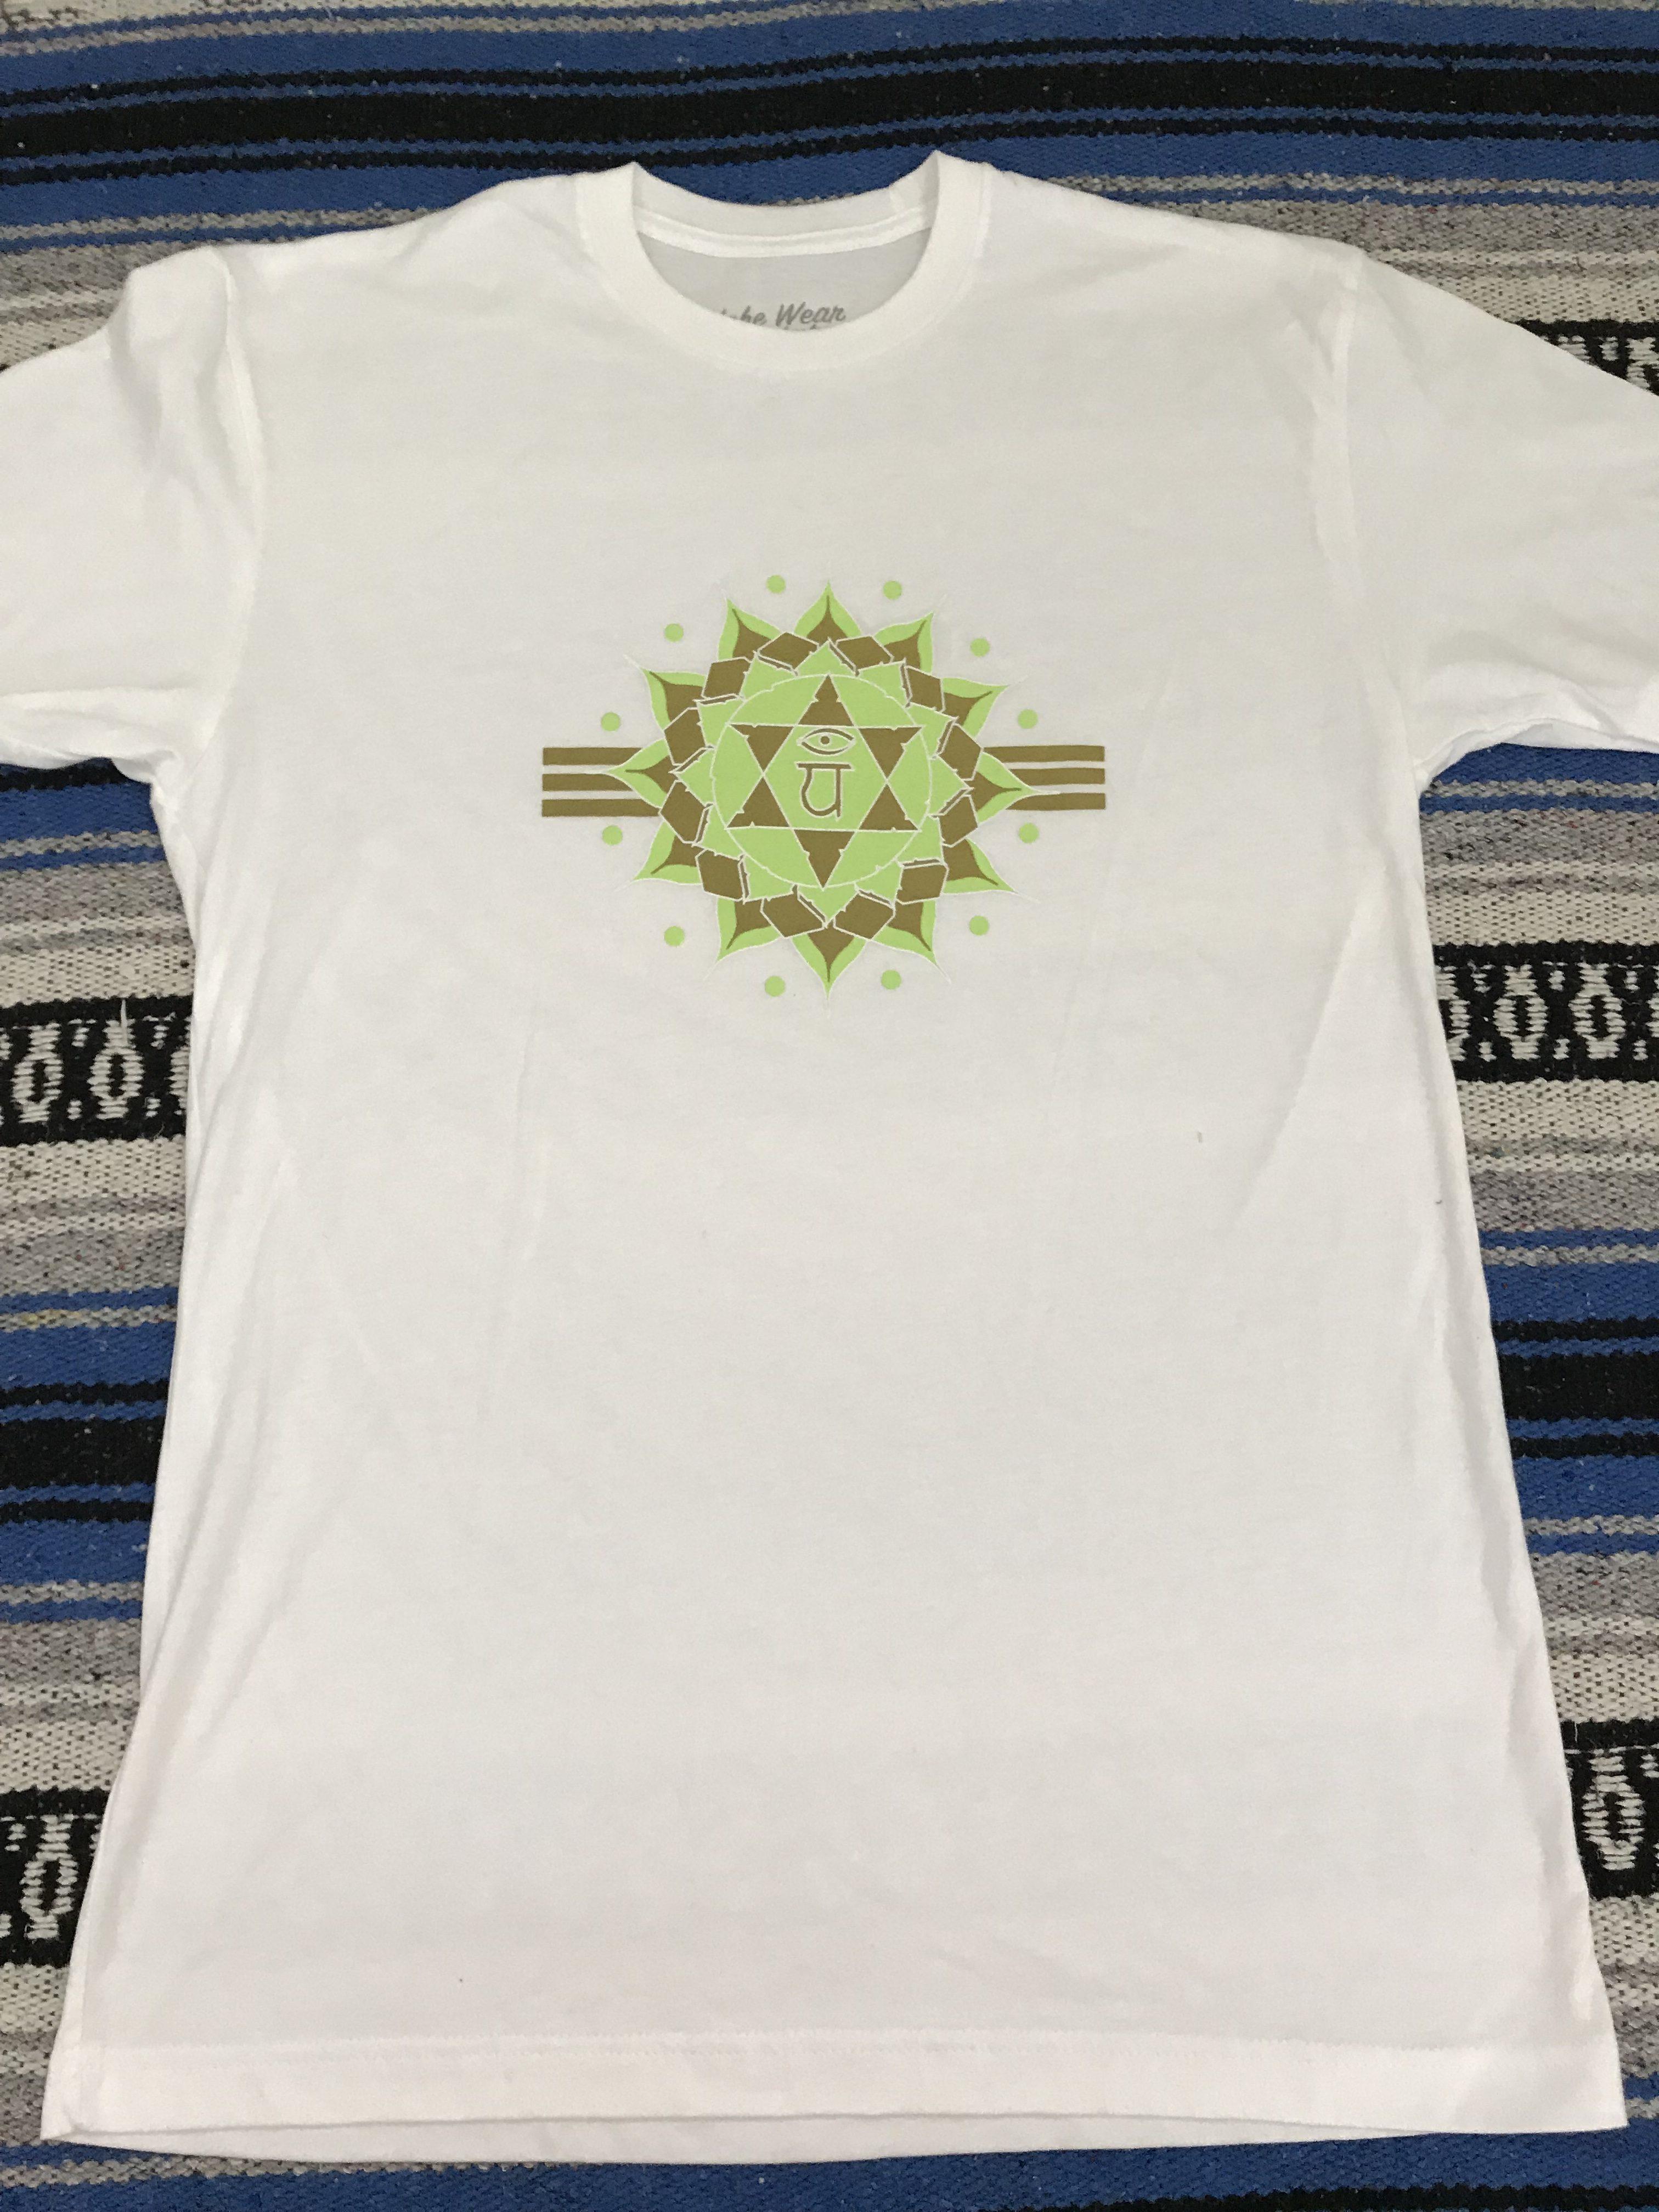 Heart Chakra rose quartz x shungite t-shirt print